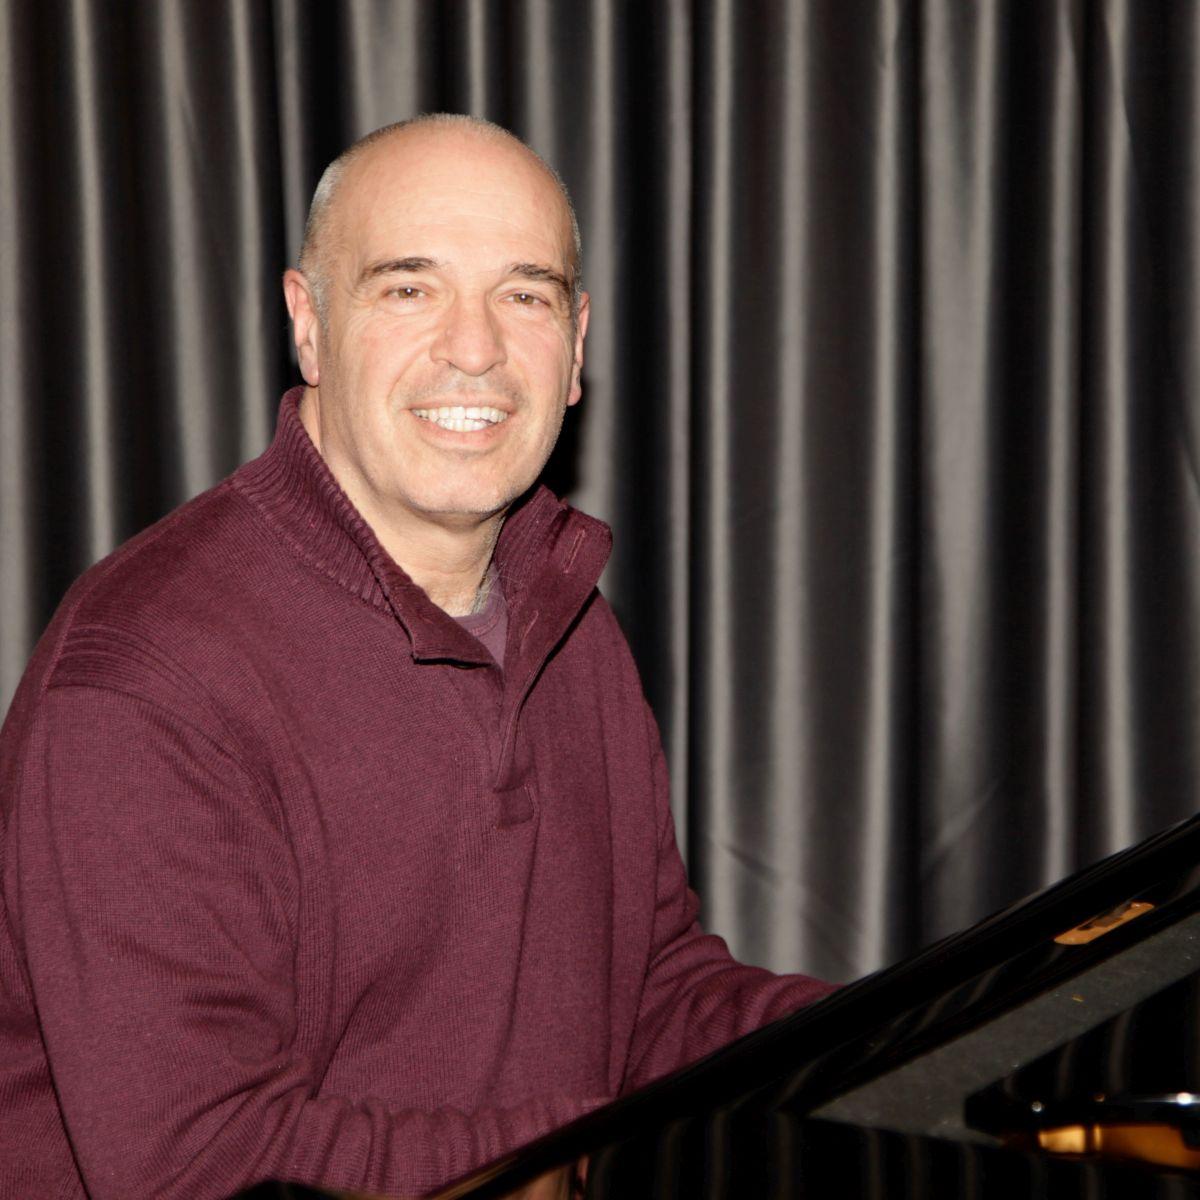 Bild von Sigisbert Stehle am Klavier